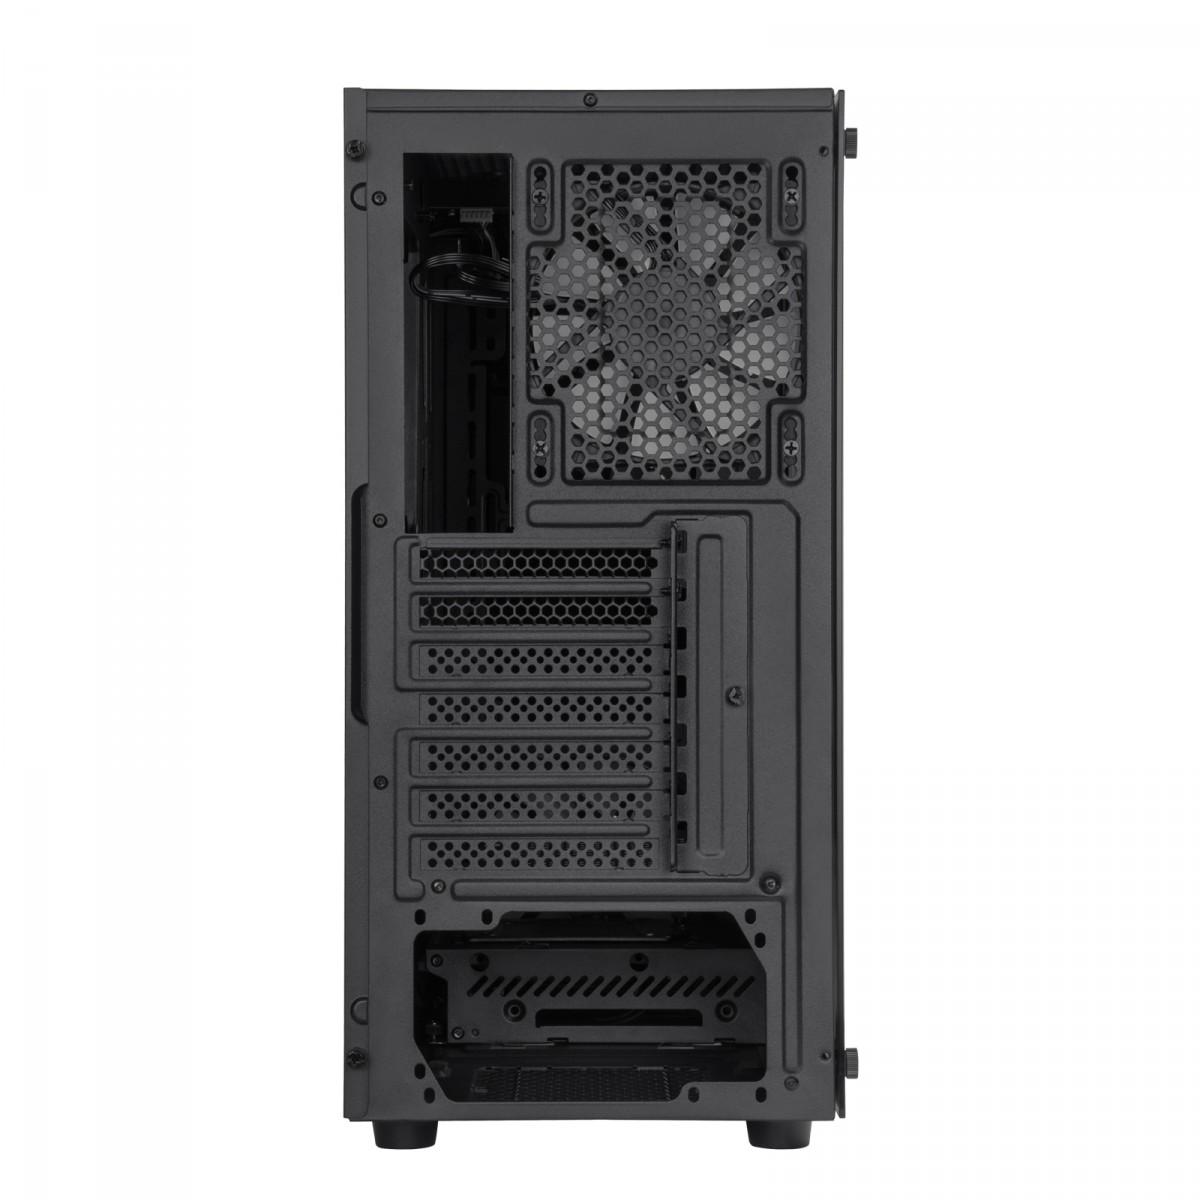 Gabinete Gamer SilverStone Fara R1 Pro, Mid Tower, Vidro Temperado, Black, Sem fonte, Com 4 Fans, SST-FAR1B-PRO